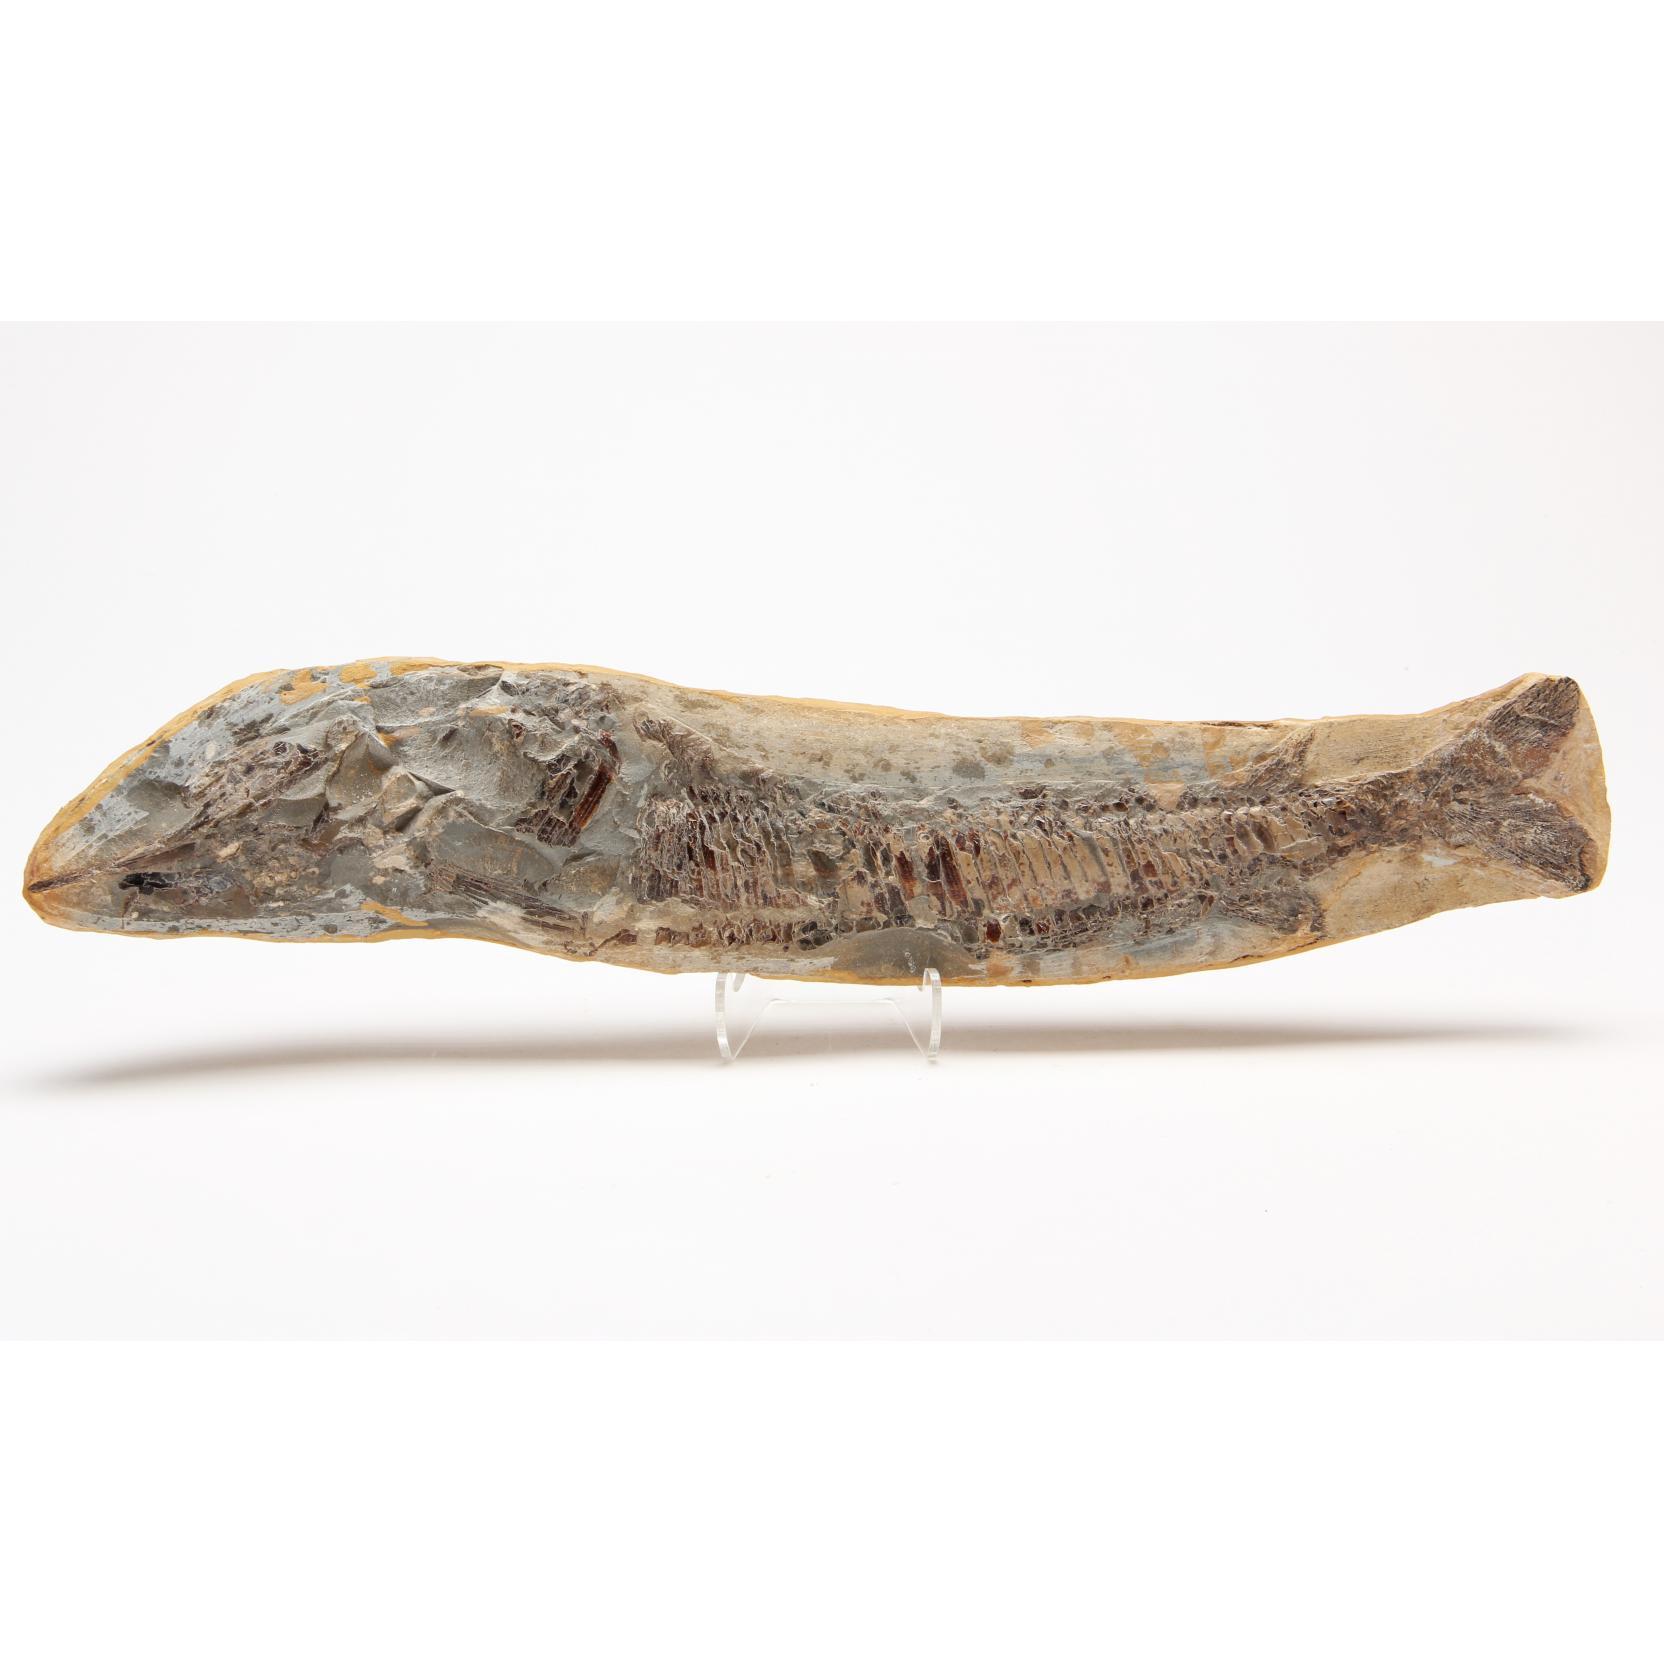 pipefish-sygnathus-in-half-concretion